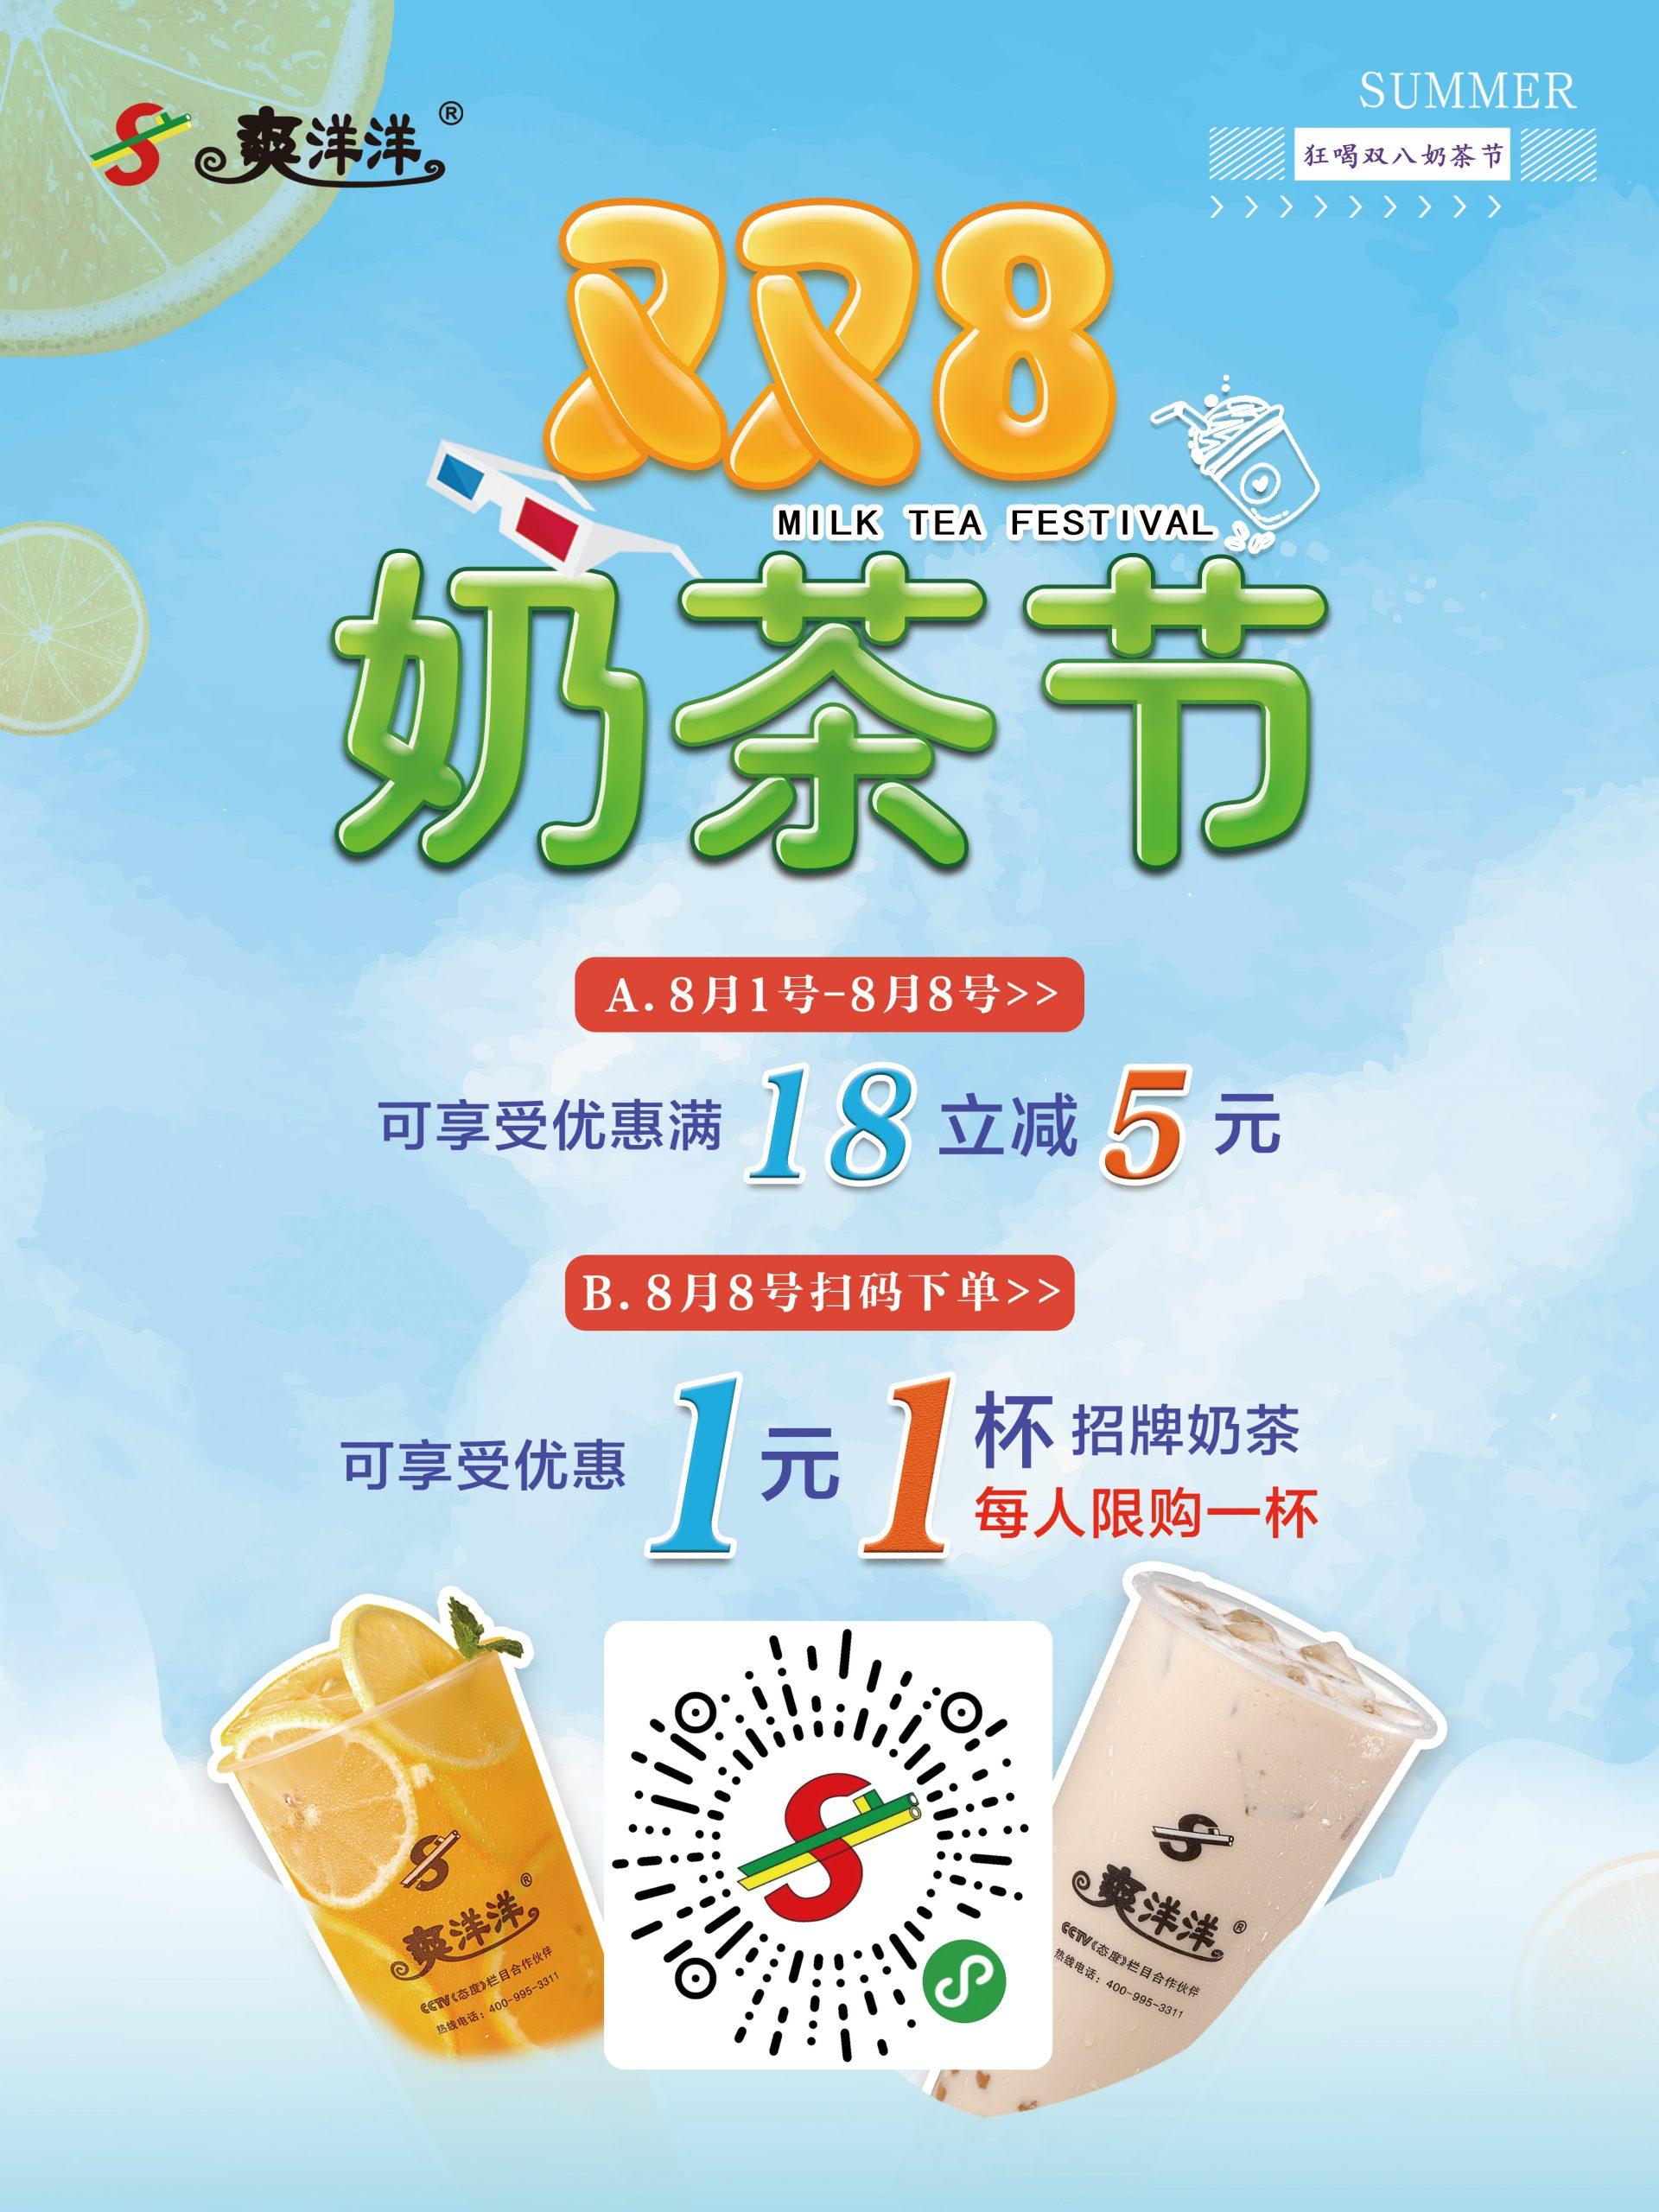 双8奶茶节倒计时,明天一起见证爽洋洋品牌营销的魅力与福利!